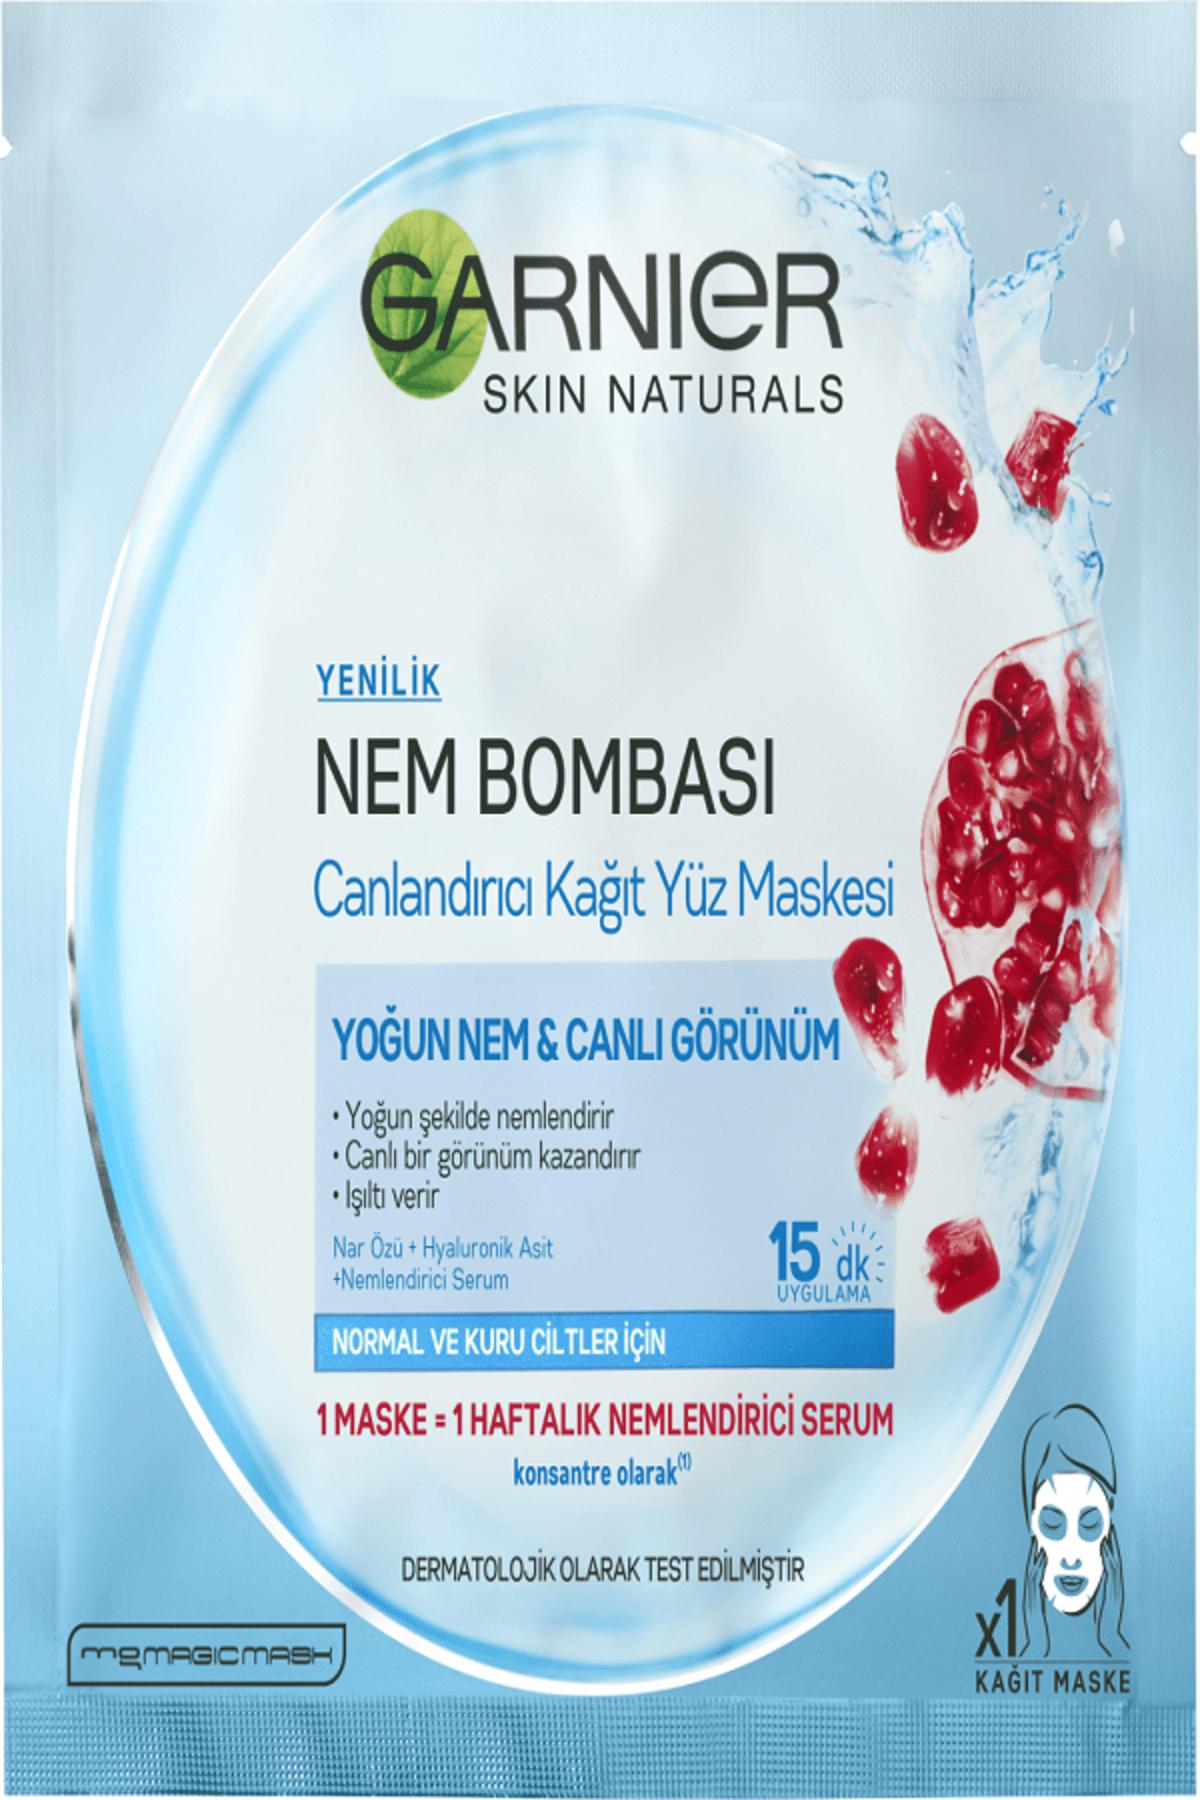 Garnier Nem Bombası Canlandırıcı Kağıt Maske 32 gr 0